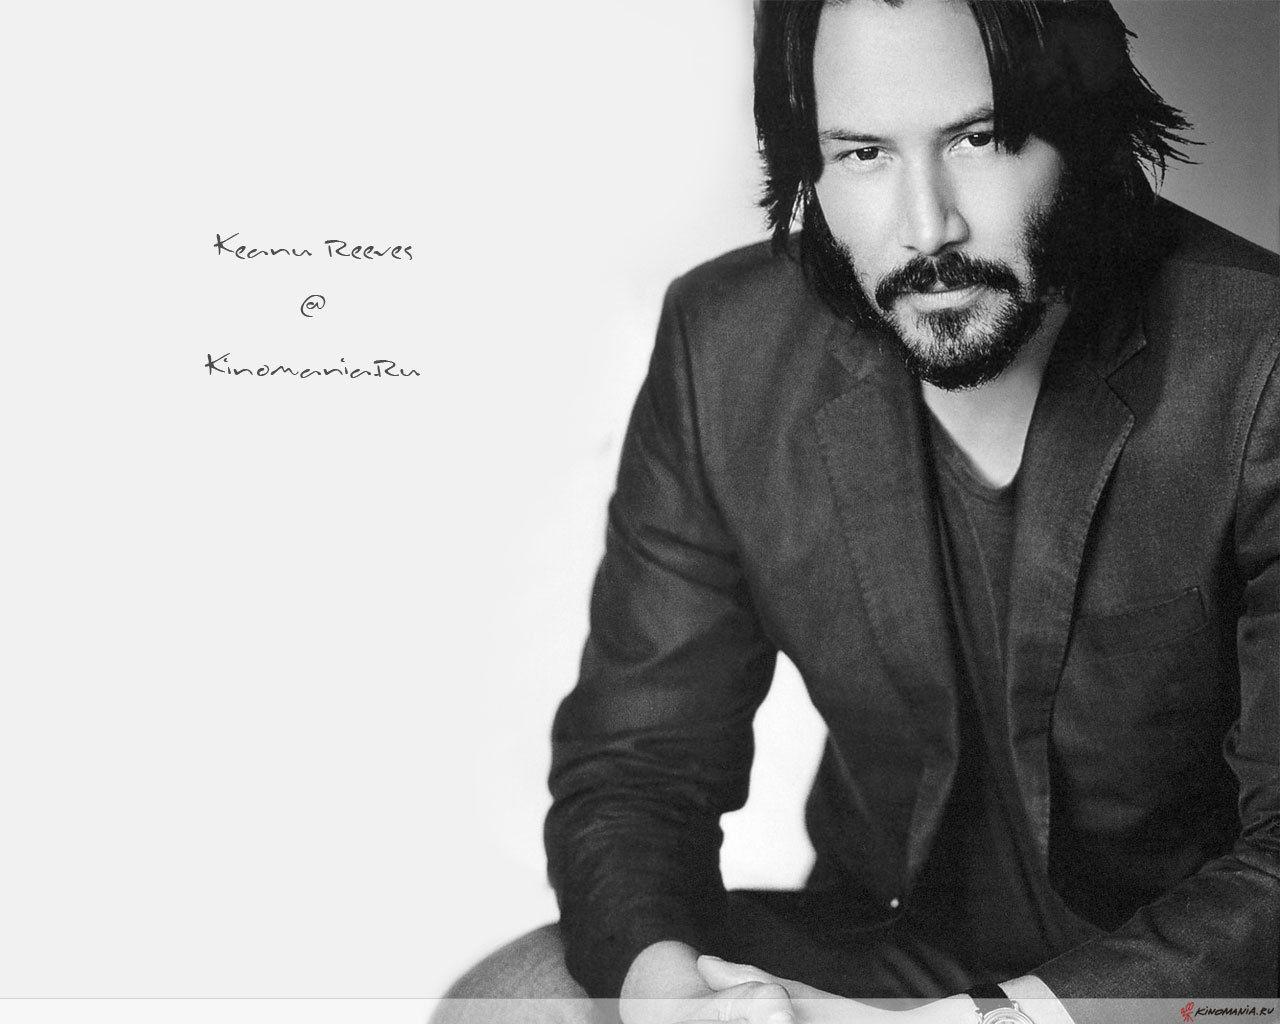 keanu reeves - keanu reeves wallpaper (9231561) - fanpop | keanu